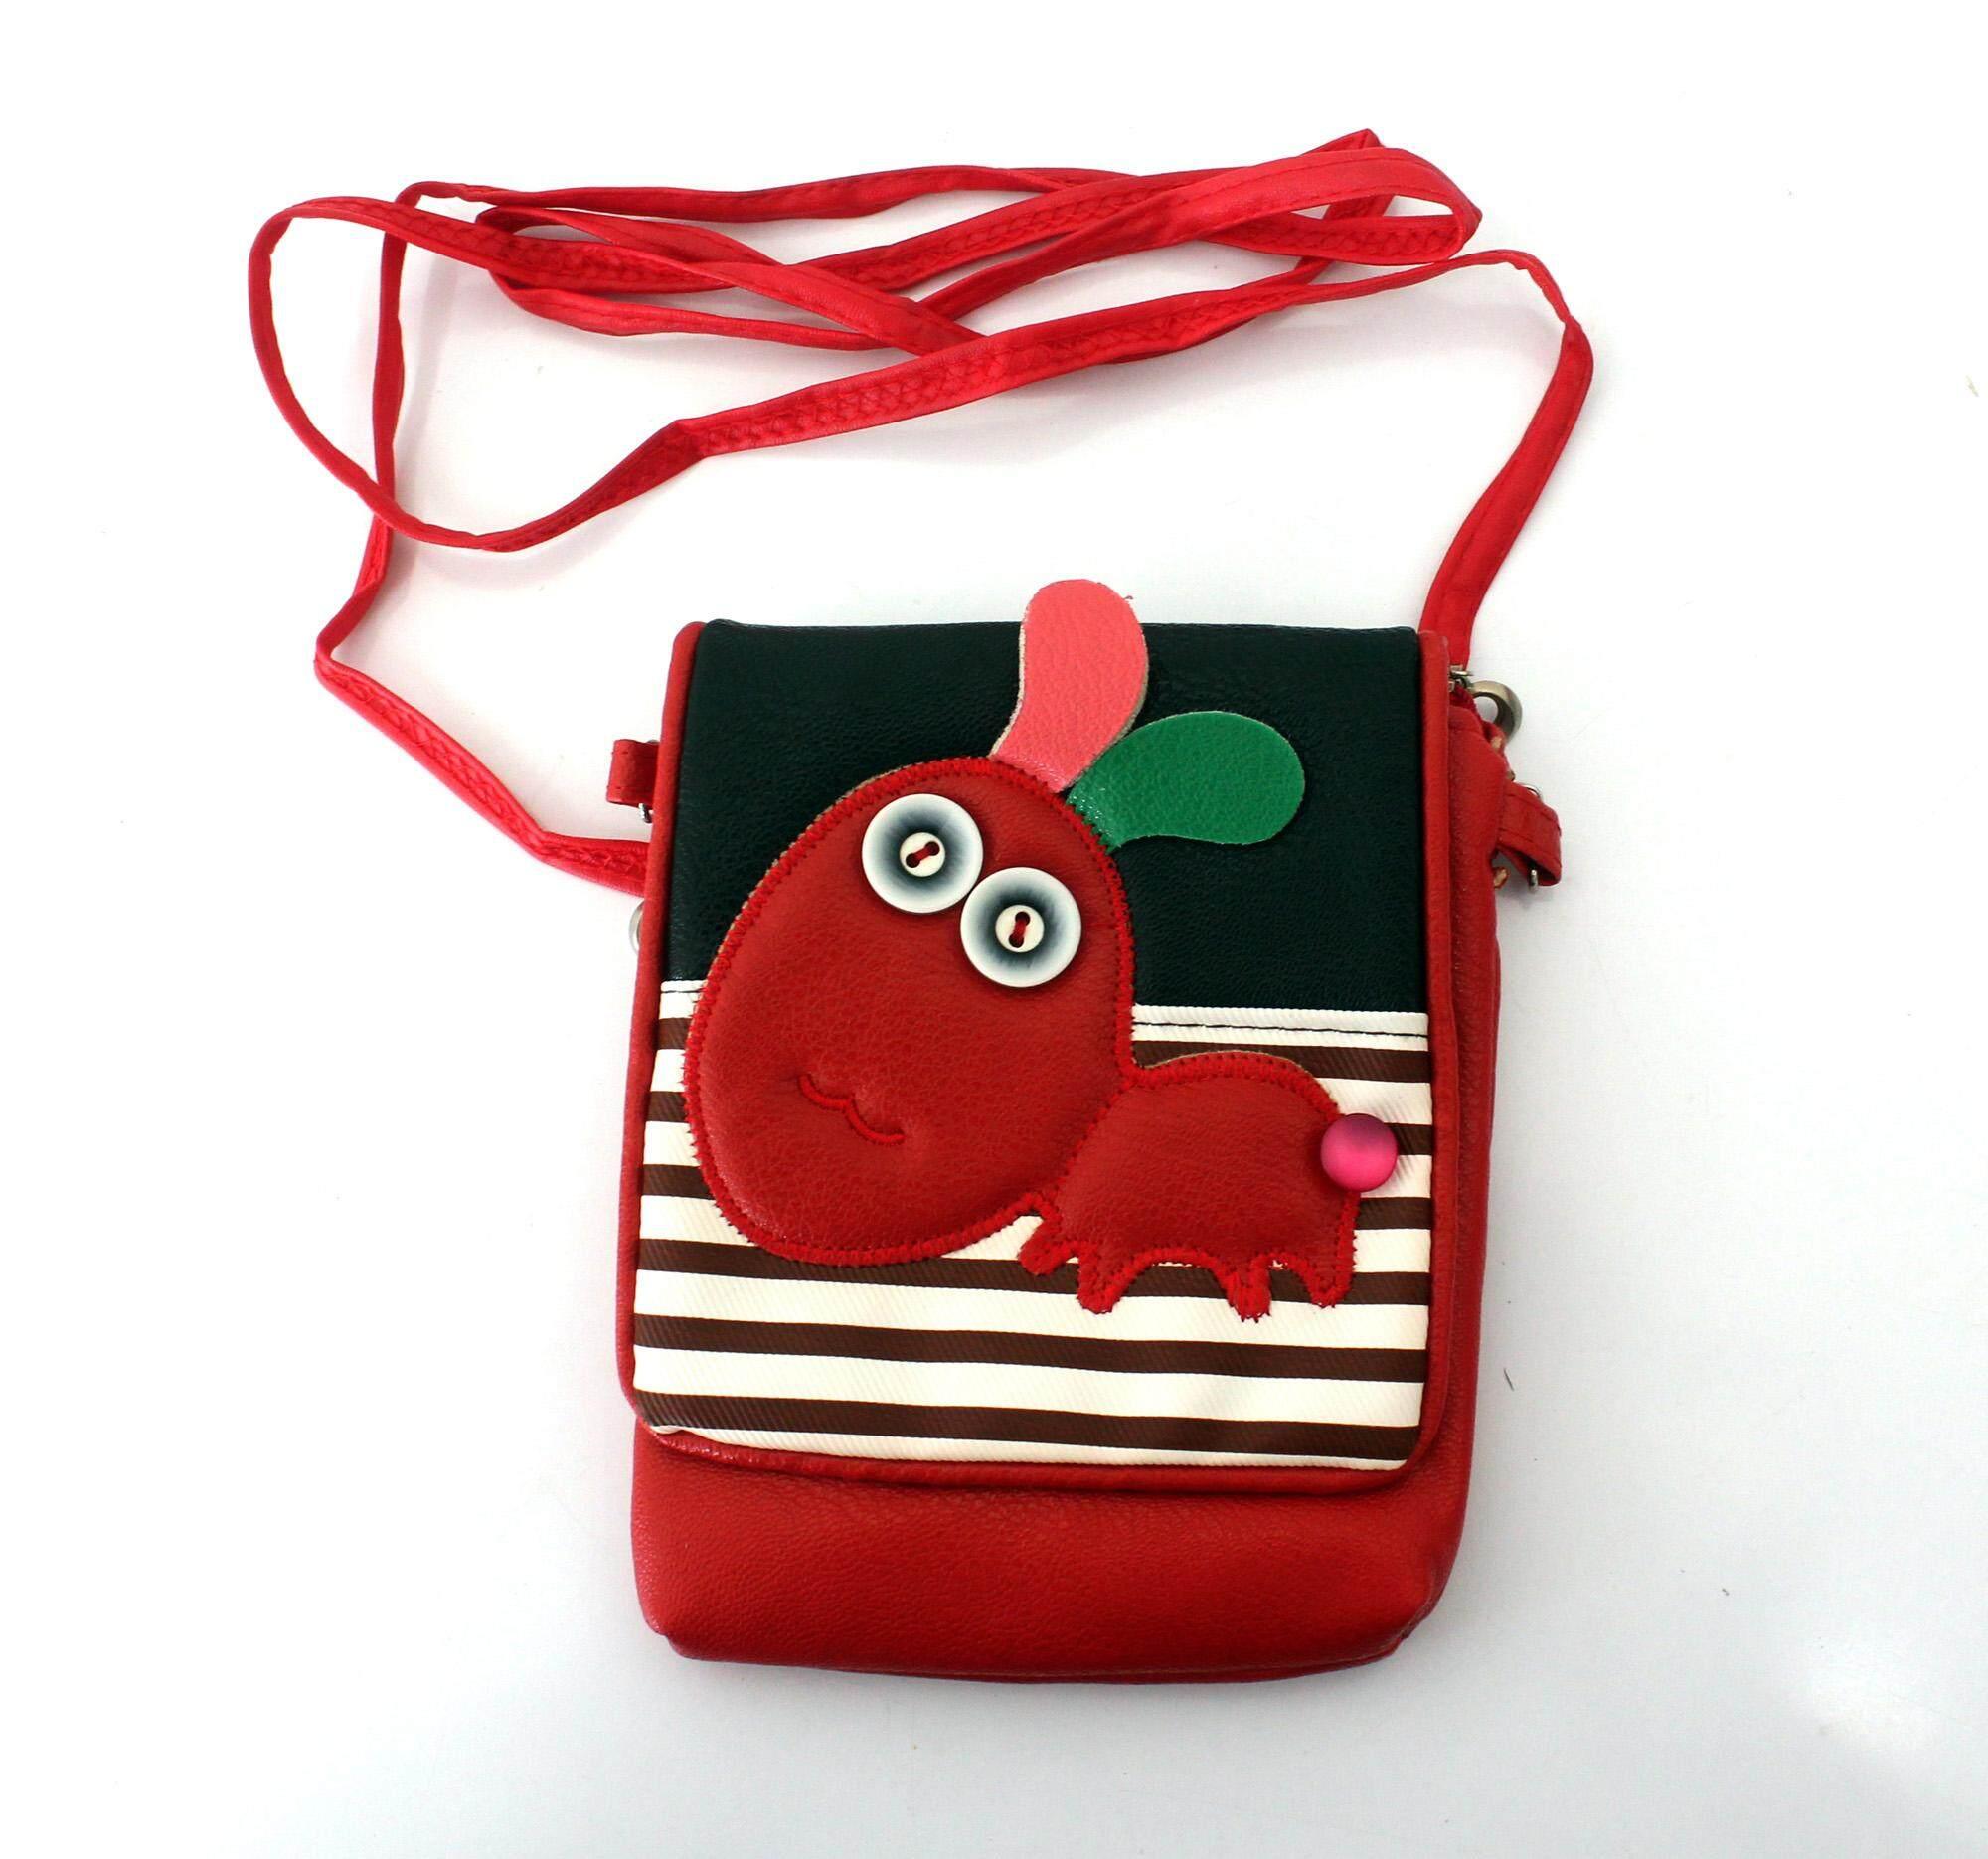 กระเป๋าสะพายข้าง รูปมดสีแดง รุ่น Hl975114.